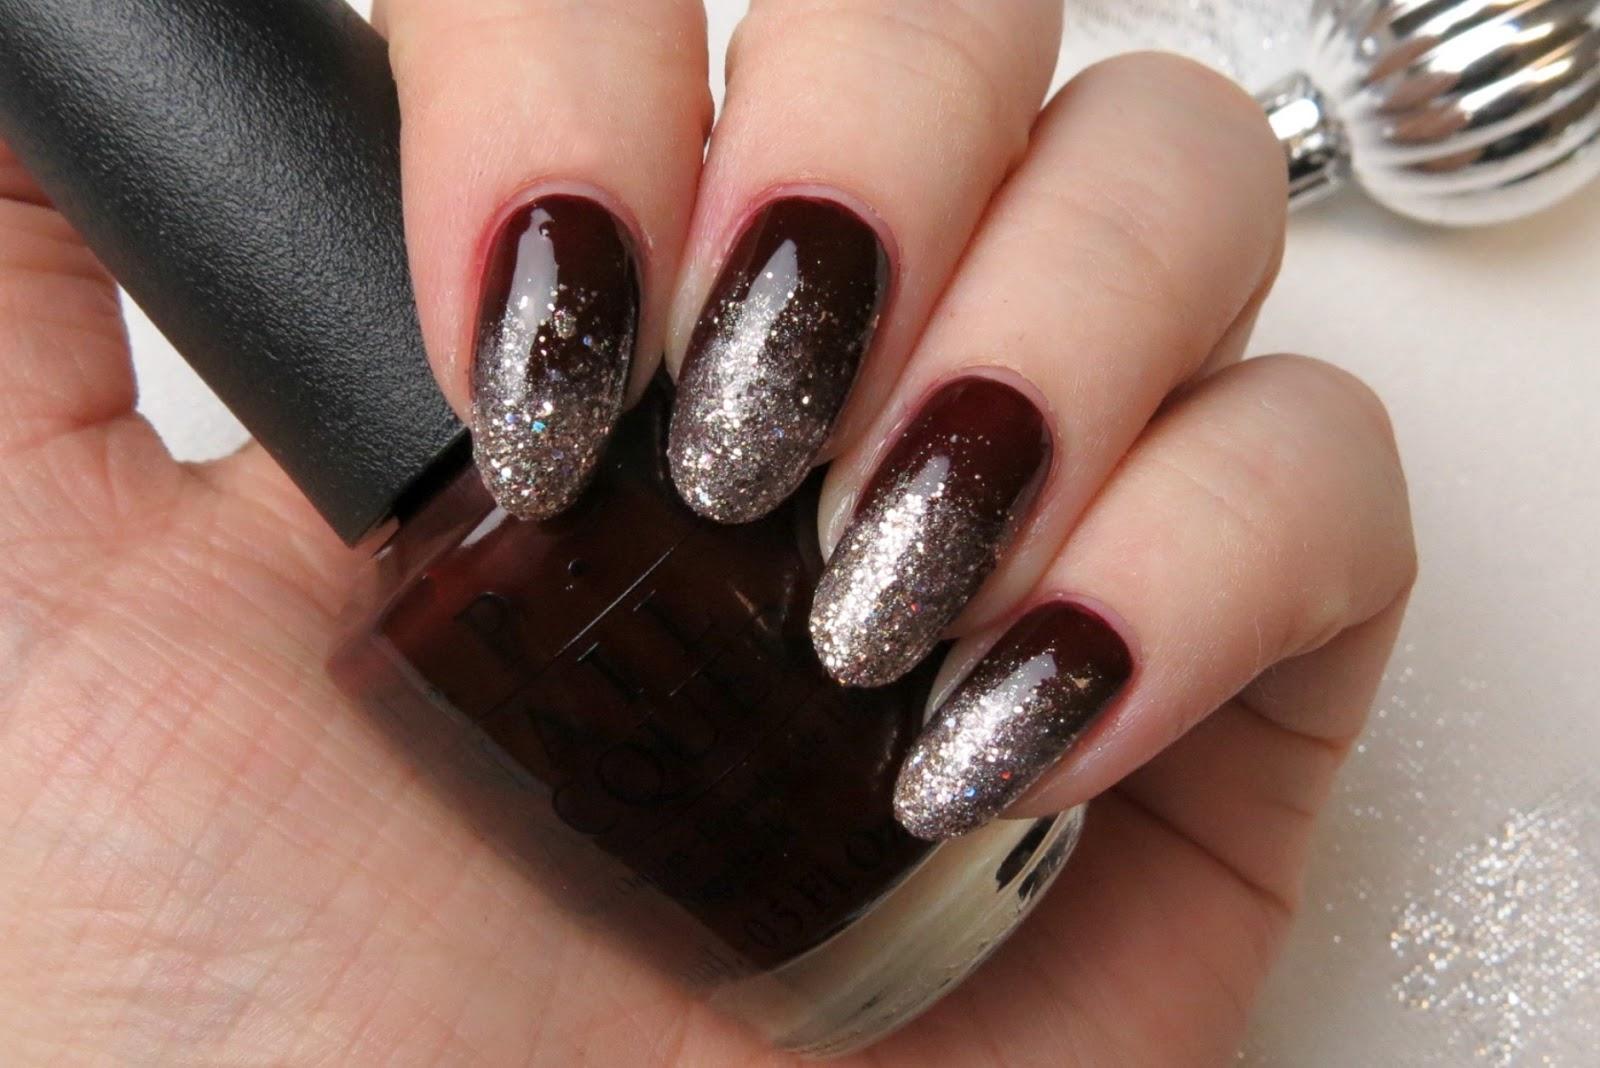 Mani Monday: Glitter Ombre Trick | Kaitlyn Elisabeth Beauty